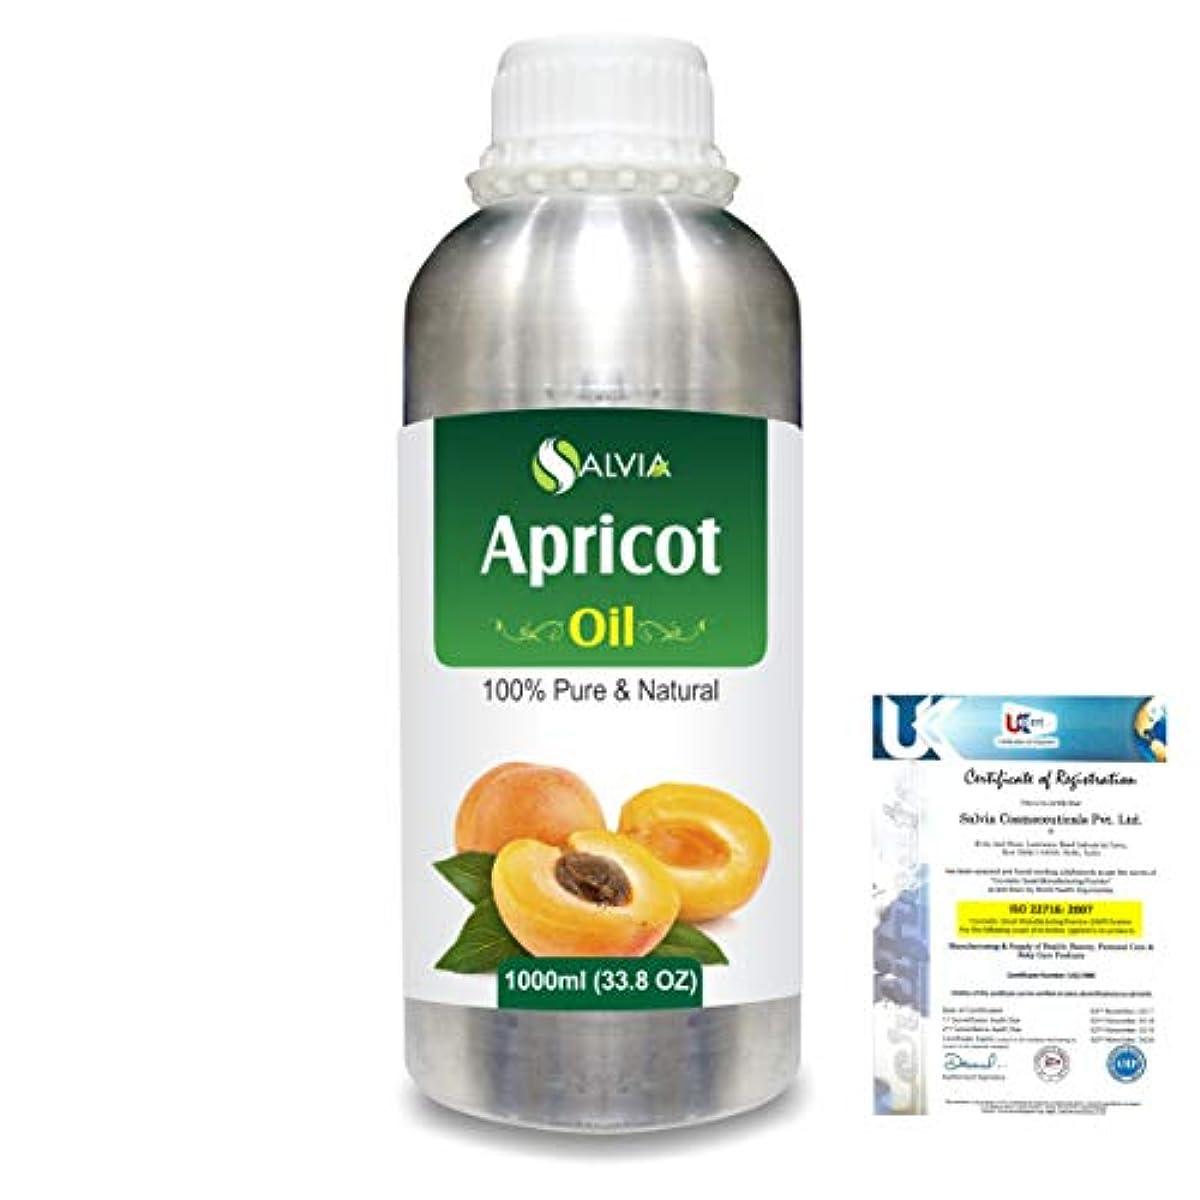 十分です栄光の潮Apricot (Prunus armeniaca) Natural Pure Undiluted Uncut Carrier Oil 1000ml/33.8 fl.oz.